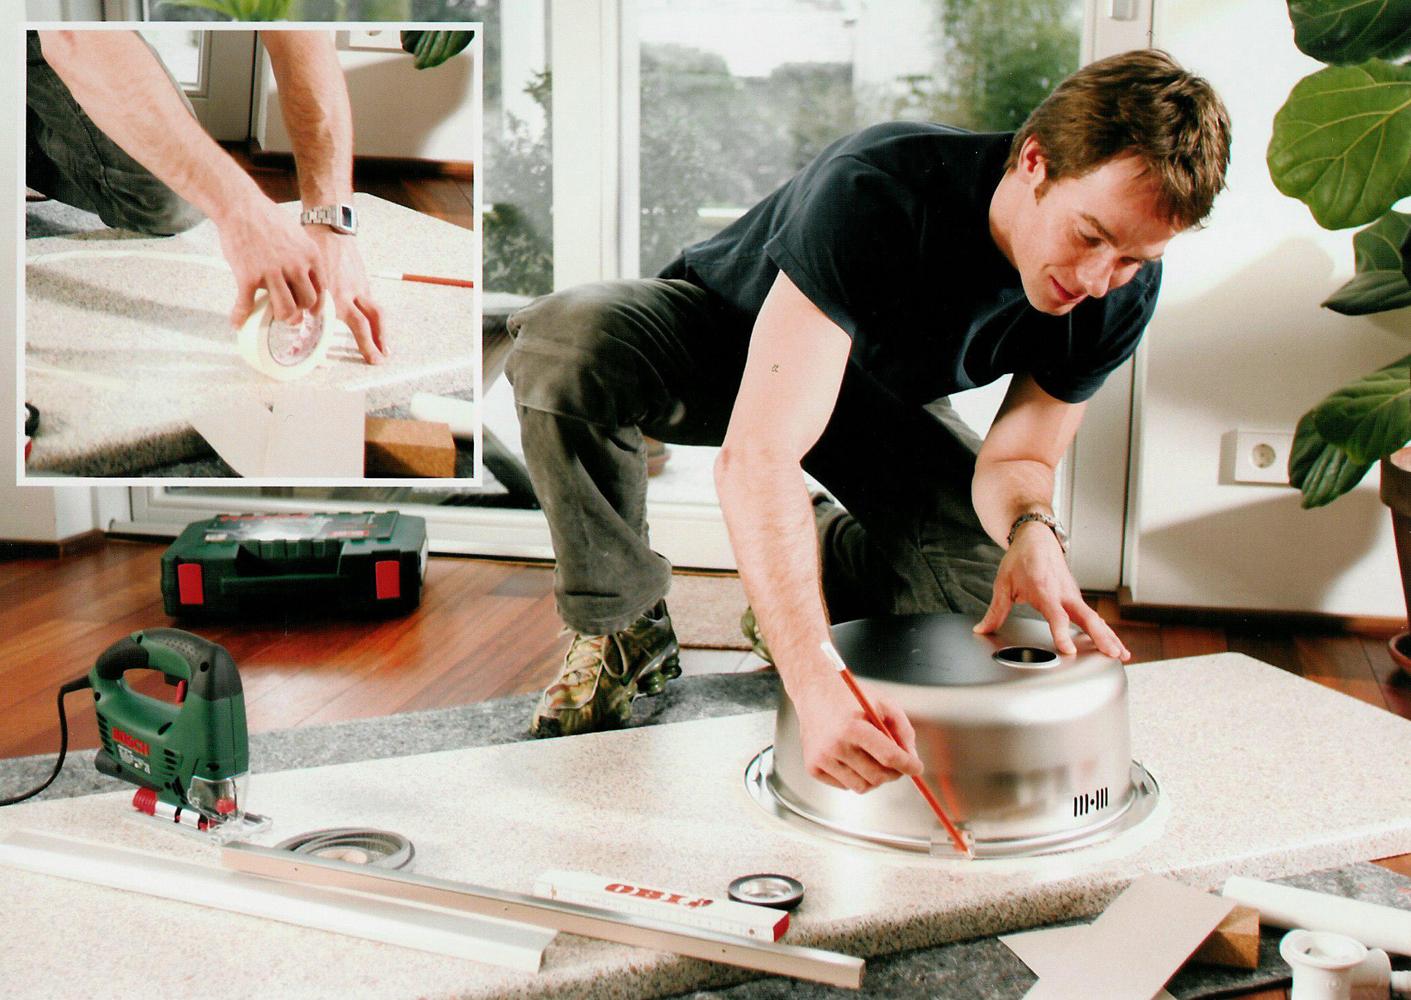 küche einbauen | jtleigh.com - hausgestaltung ideen - Küche Einbauen Lassen